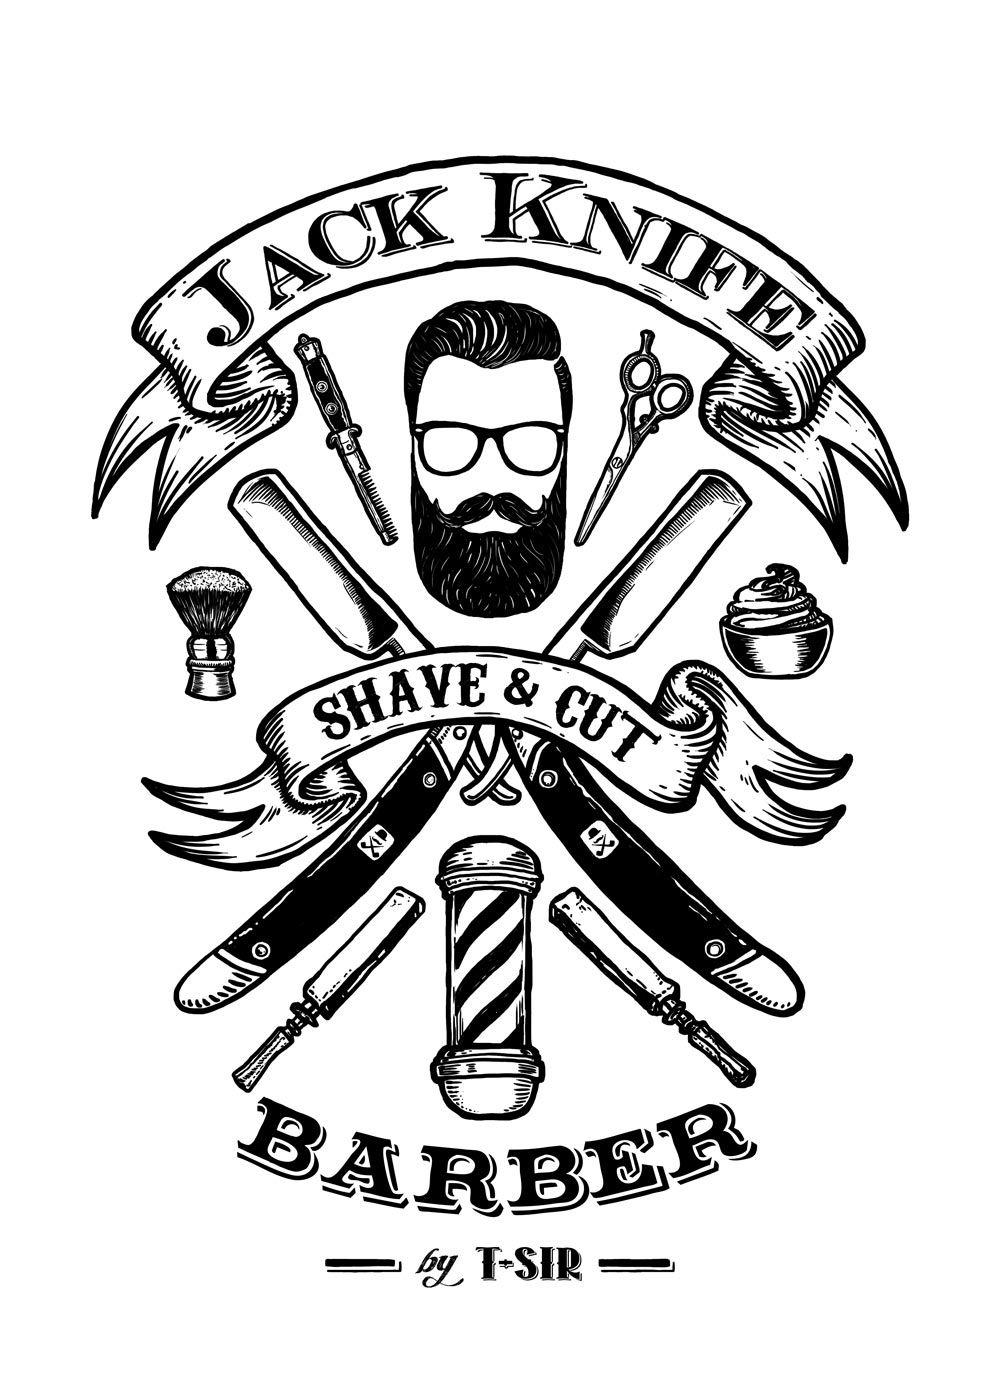 peluqueria barberia fran reklam